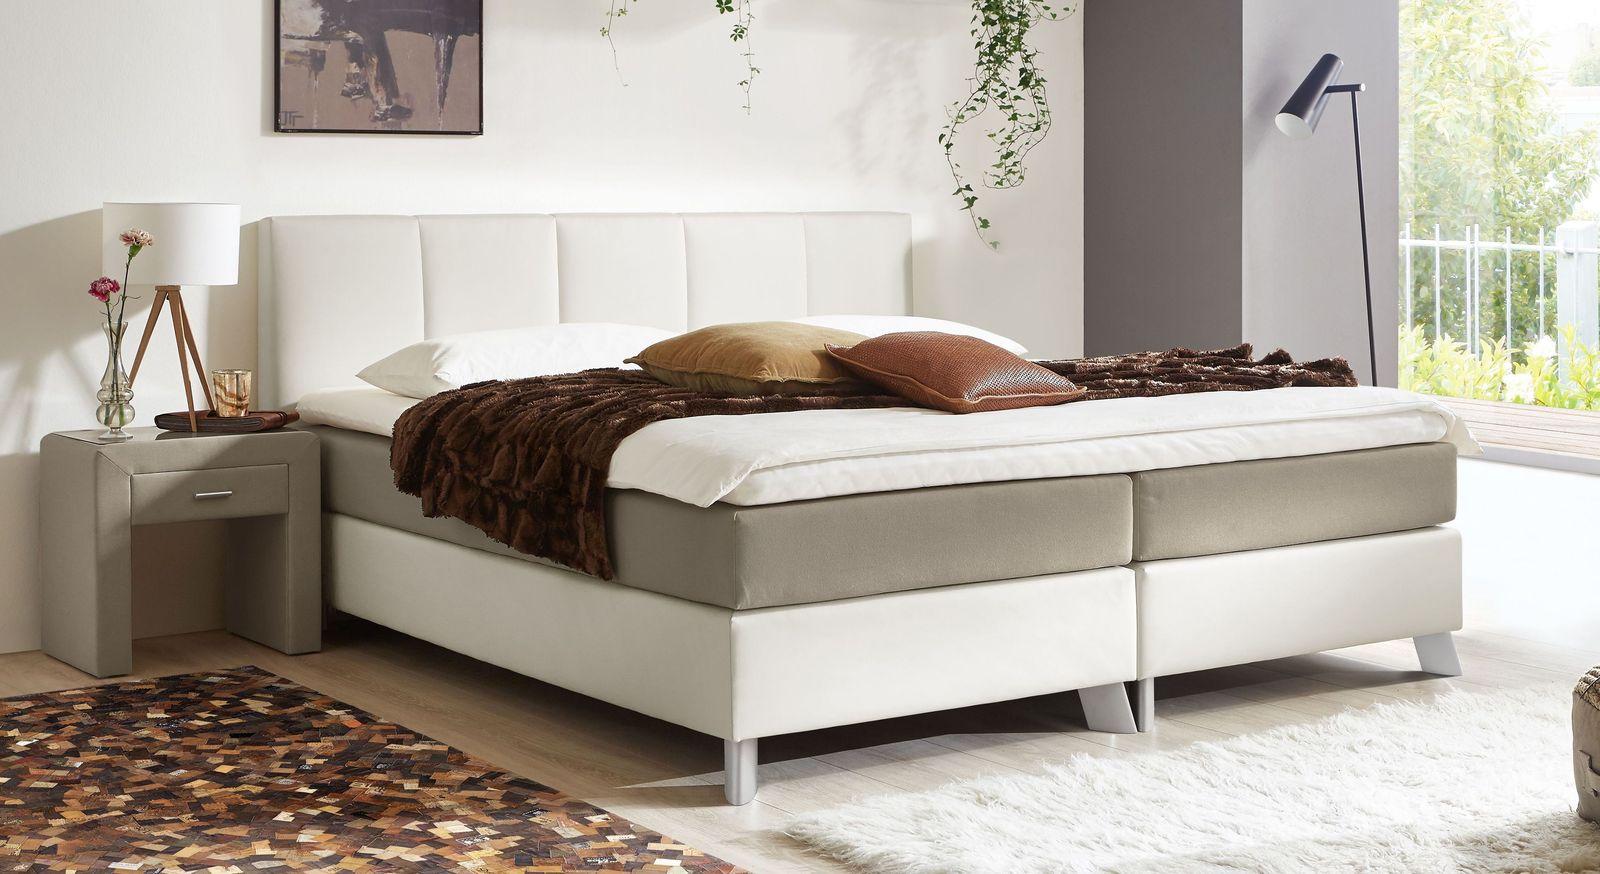 53 cm hohes Boxspringbett Oceanside aus weißem Kunstleder und taupefarbenem Webstoff